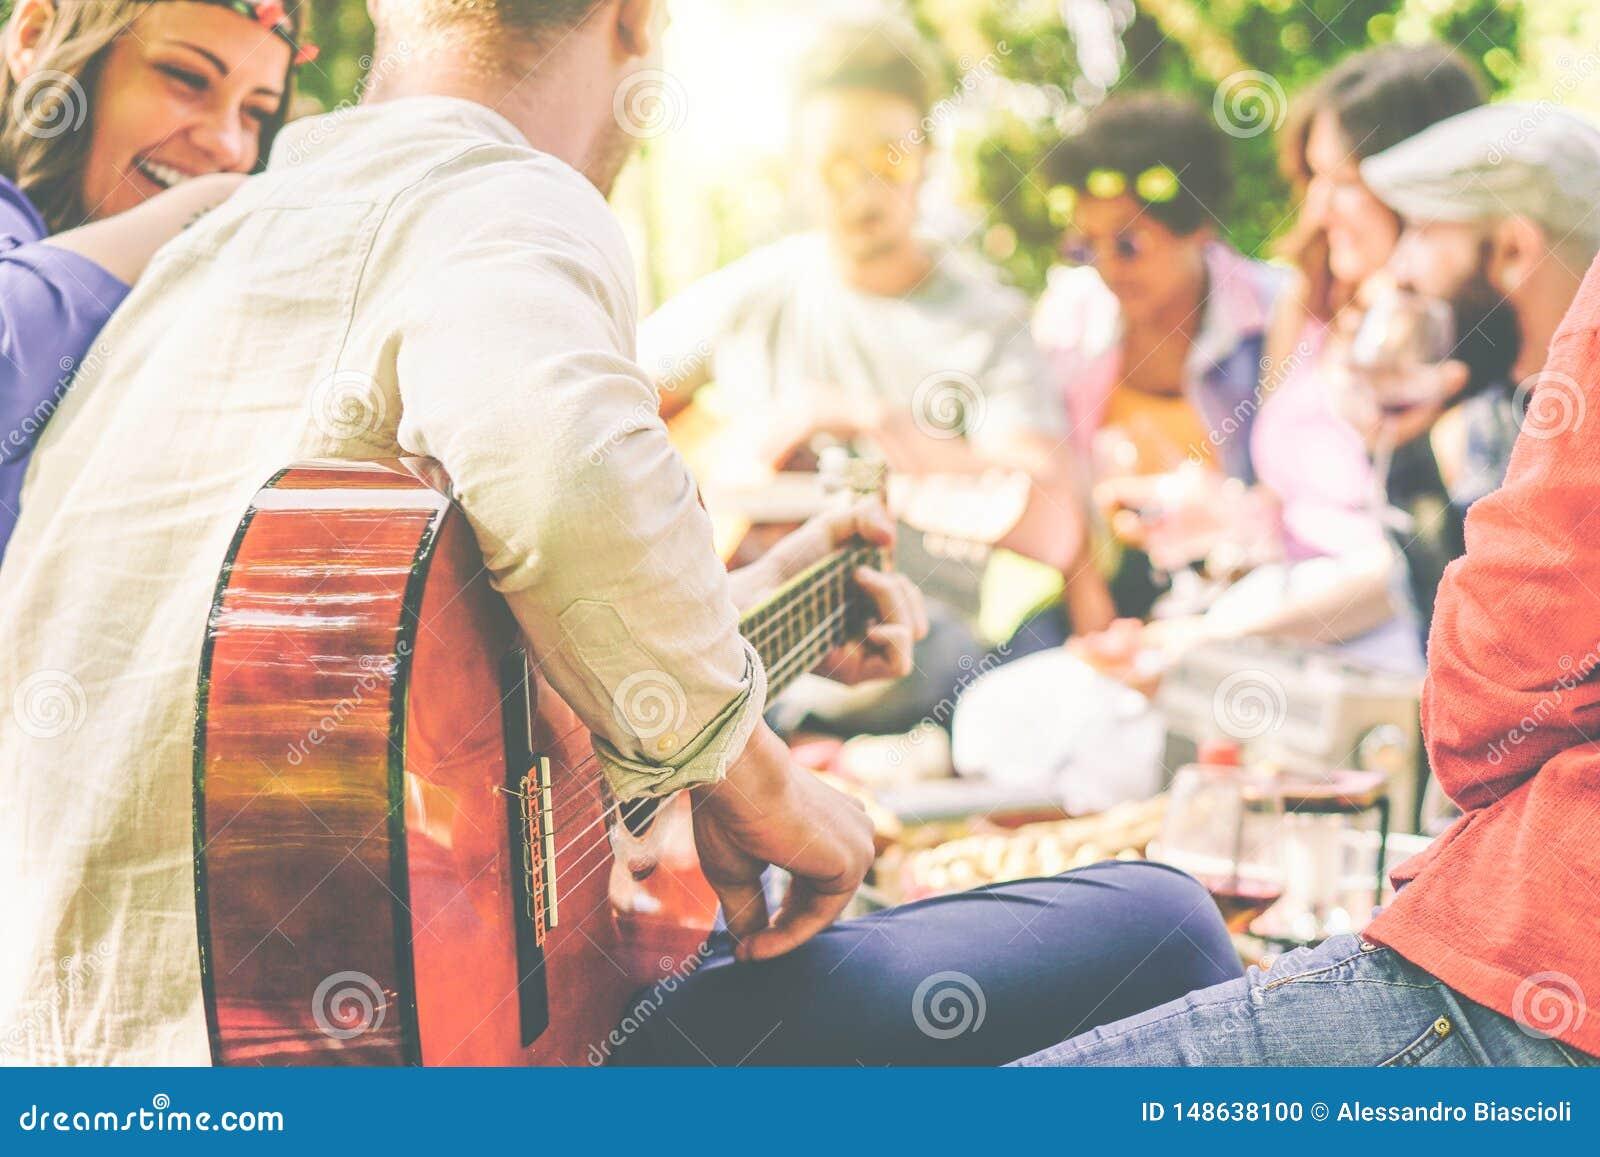 Ομάδα φίλων που έχουν ένα πικ-νίκ σε ένα πάρκο υπαίθριο - ευτυχείς νέοι σύντροφοι που απολαμβάνουν pic-nic την κιθάρα παιχνιδιού,